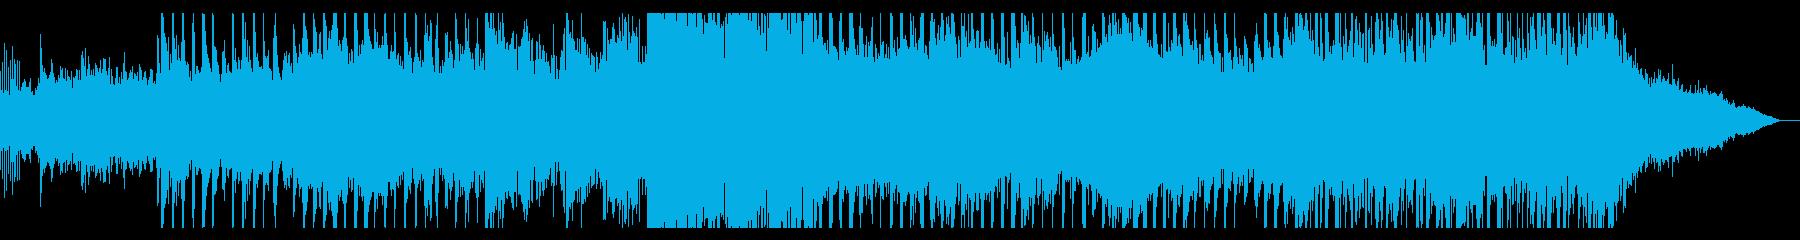 電子的でトライバルなアンビエントの再生済みの波形